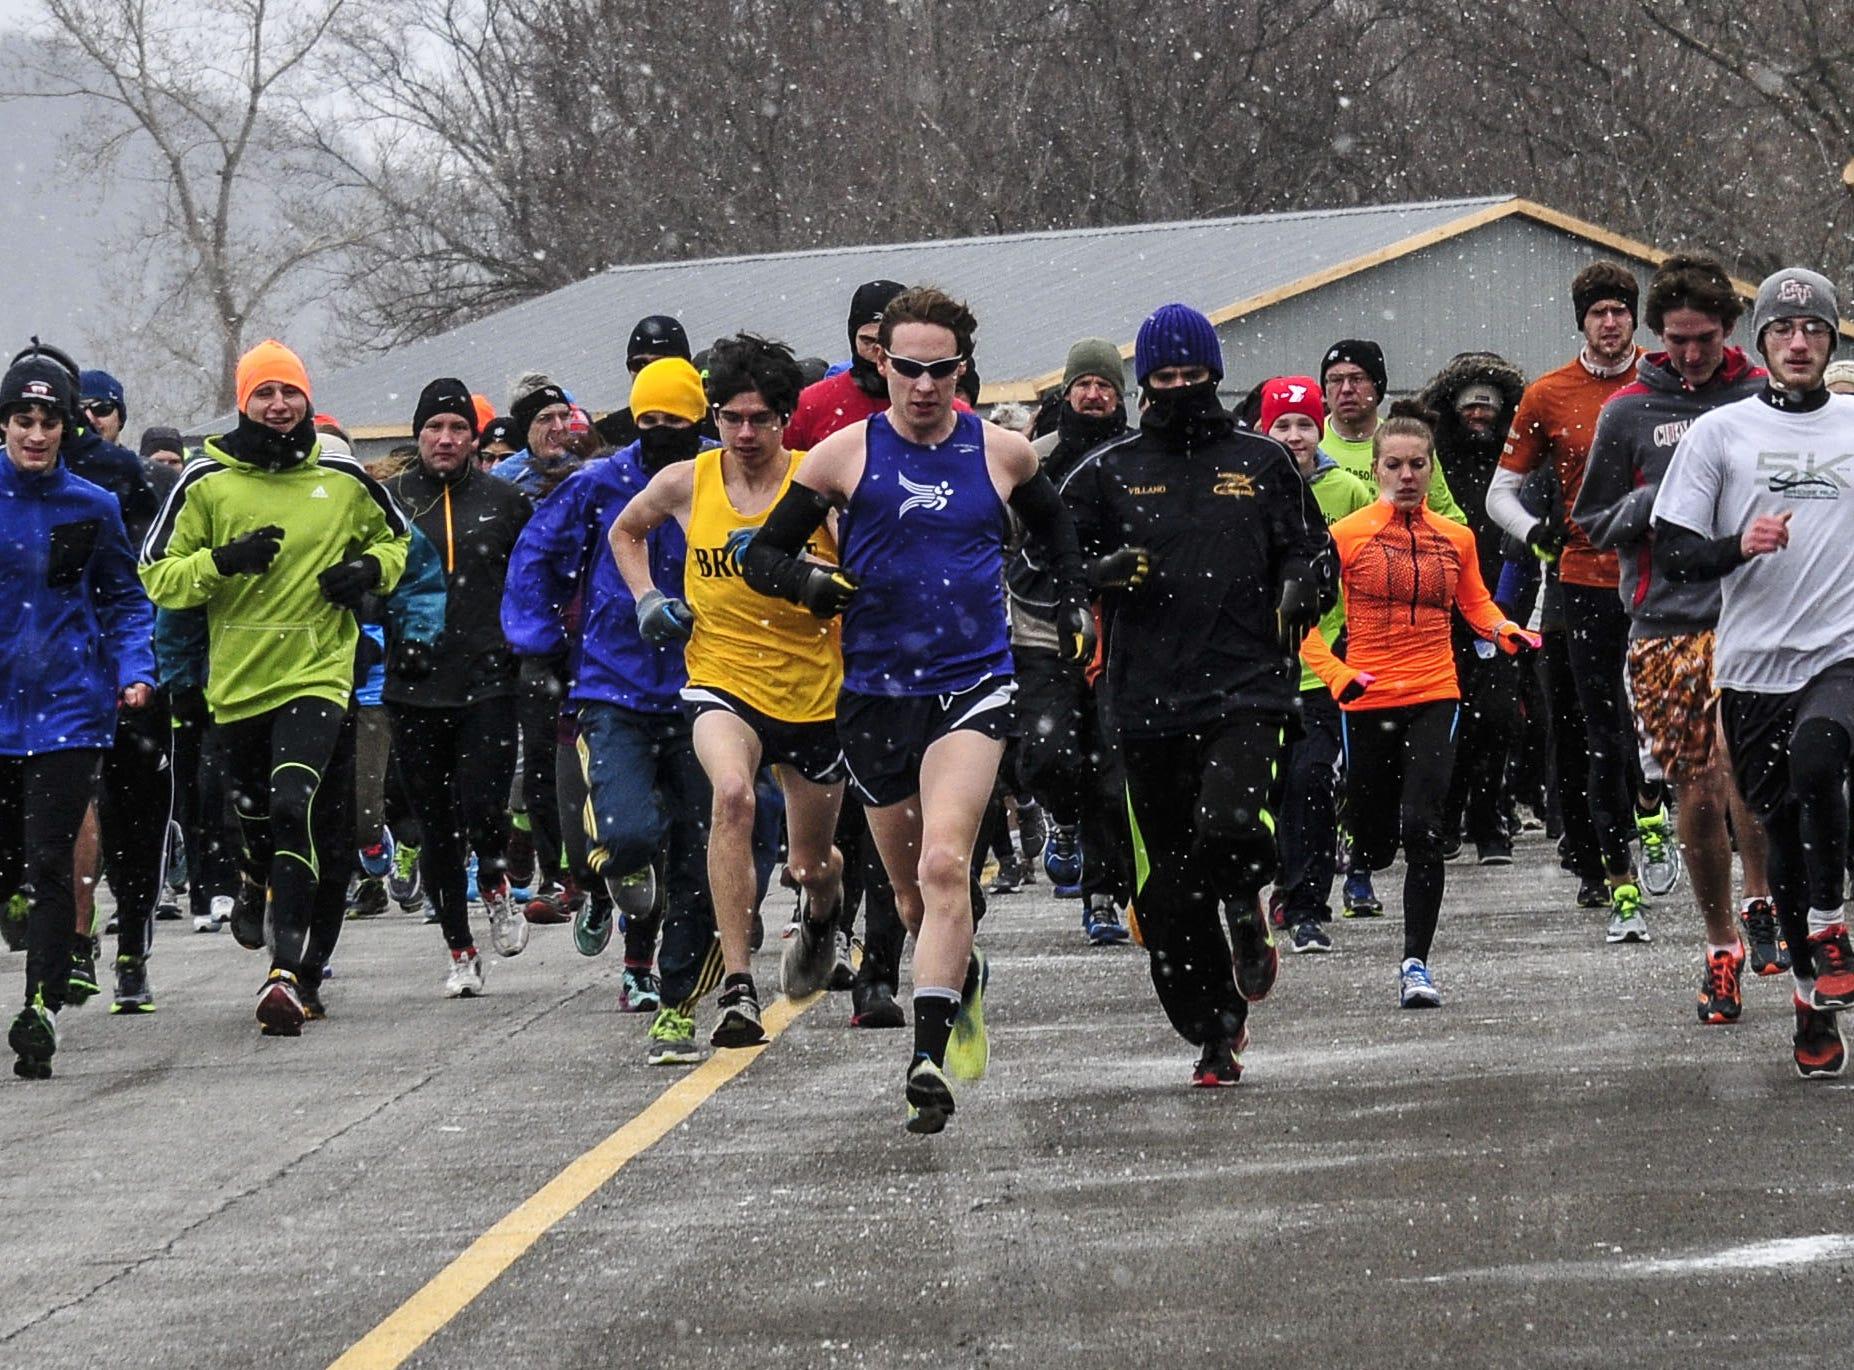 From 2013: Runners start the Family Resolution 5K Fun Run/Walk  Otsiningo Park.